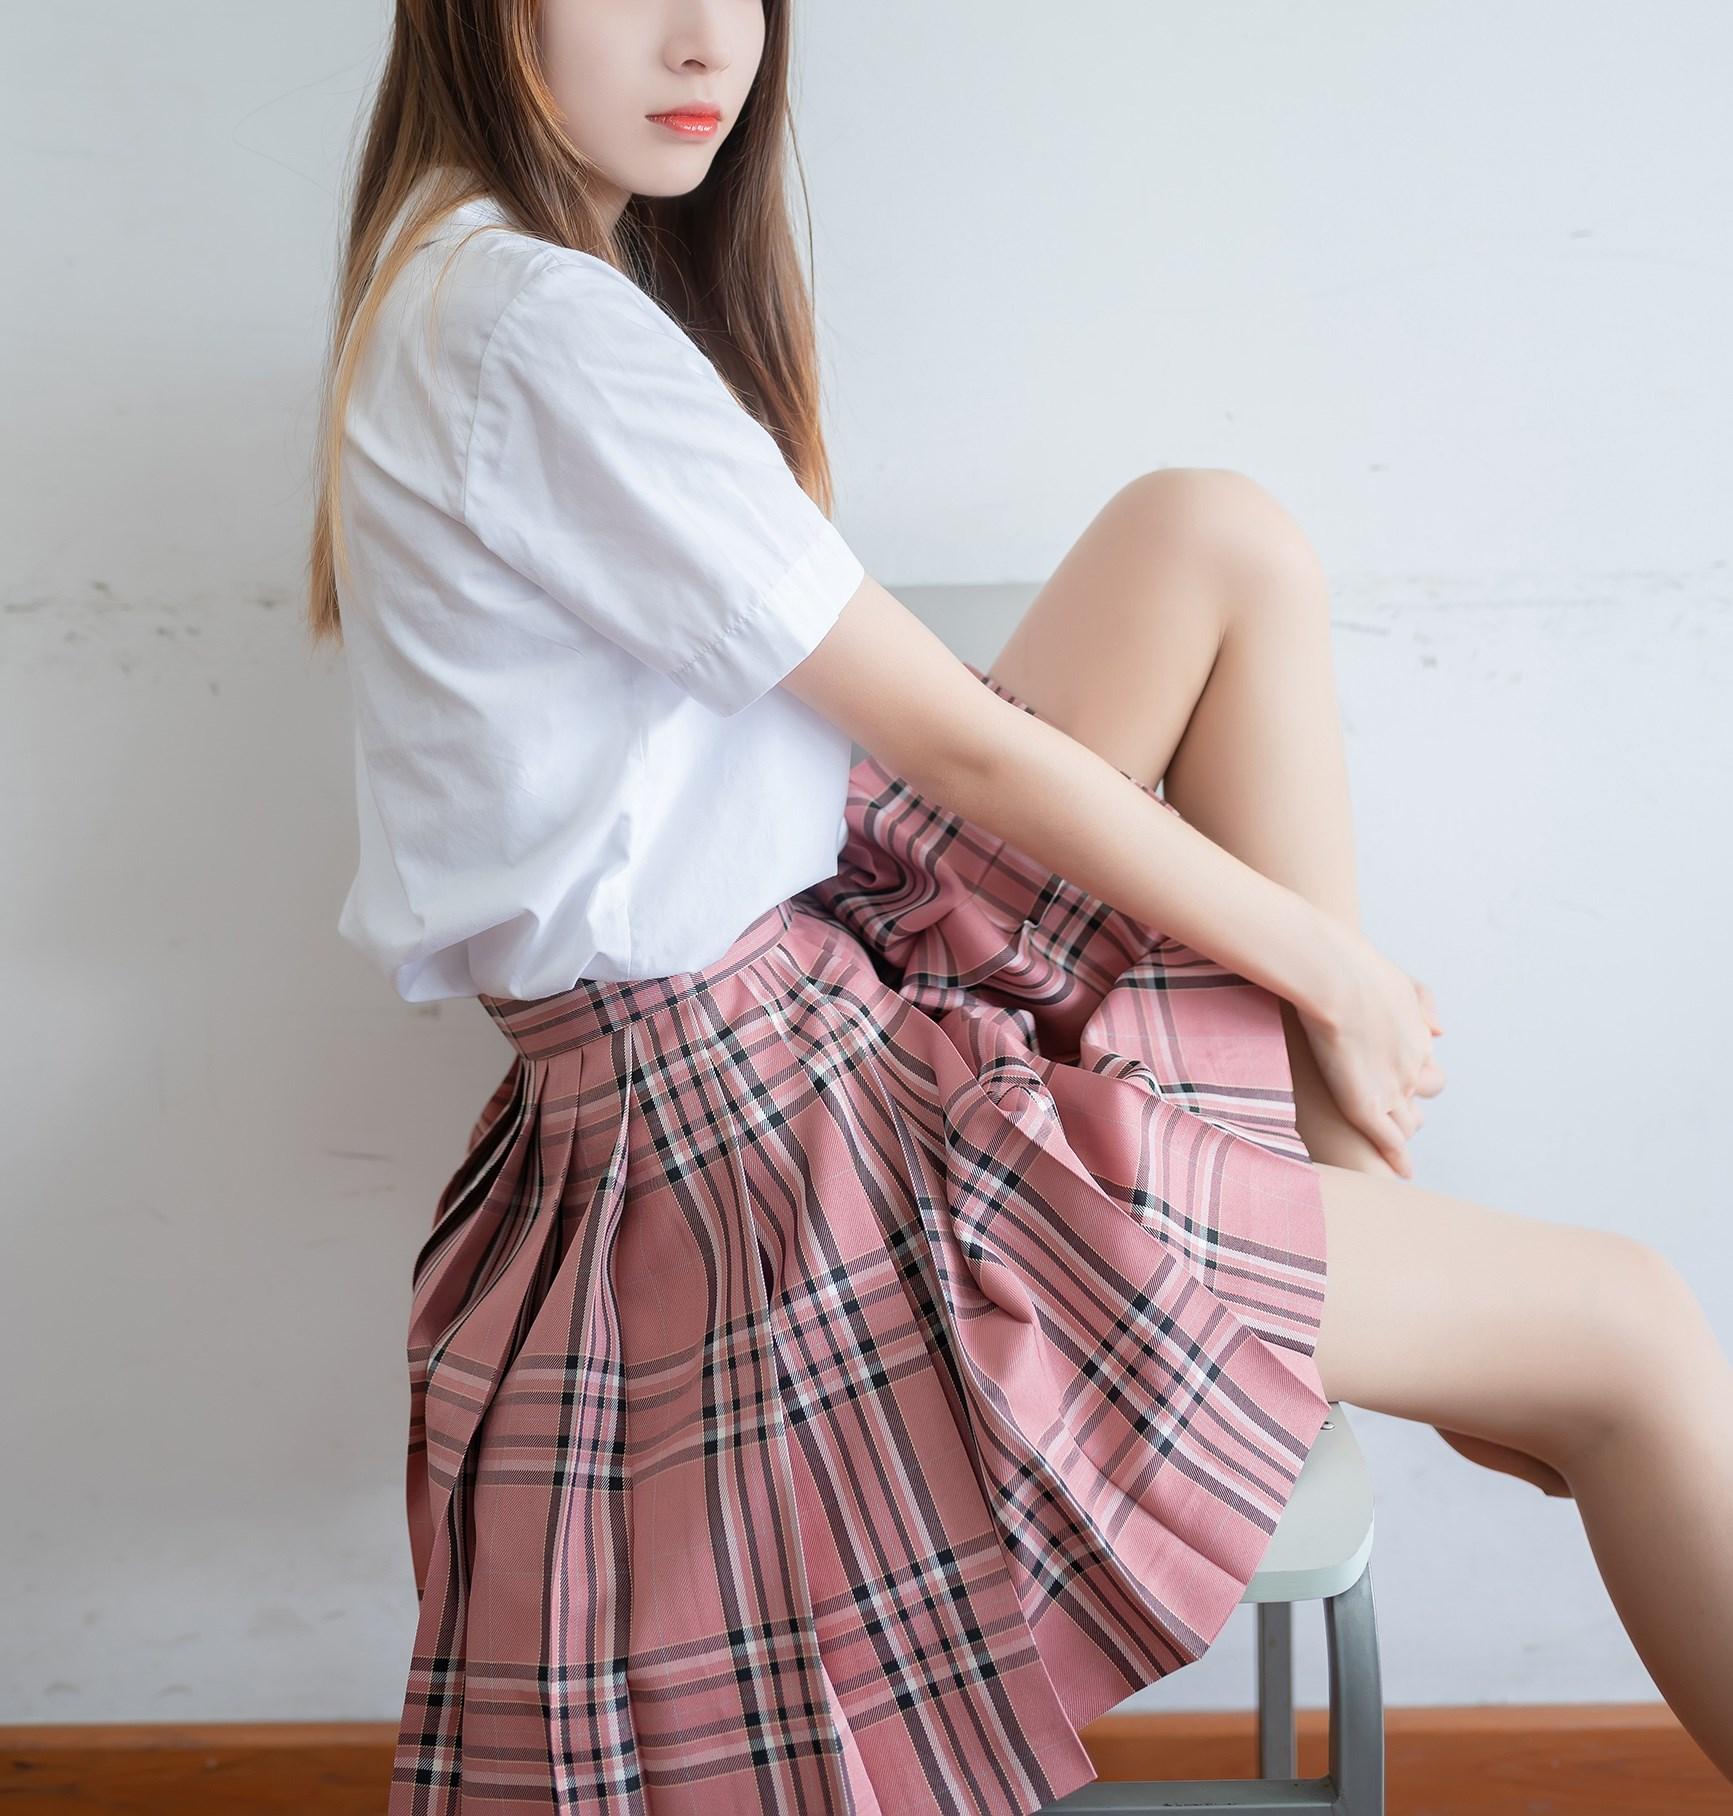 【兔玩映画】粉色格裙少女 兔玩映画 第40张